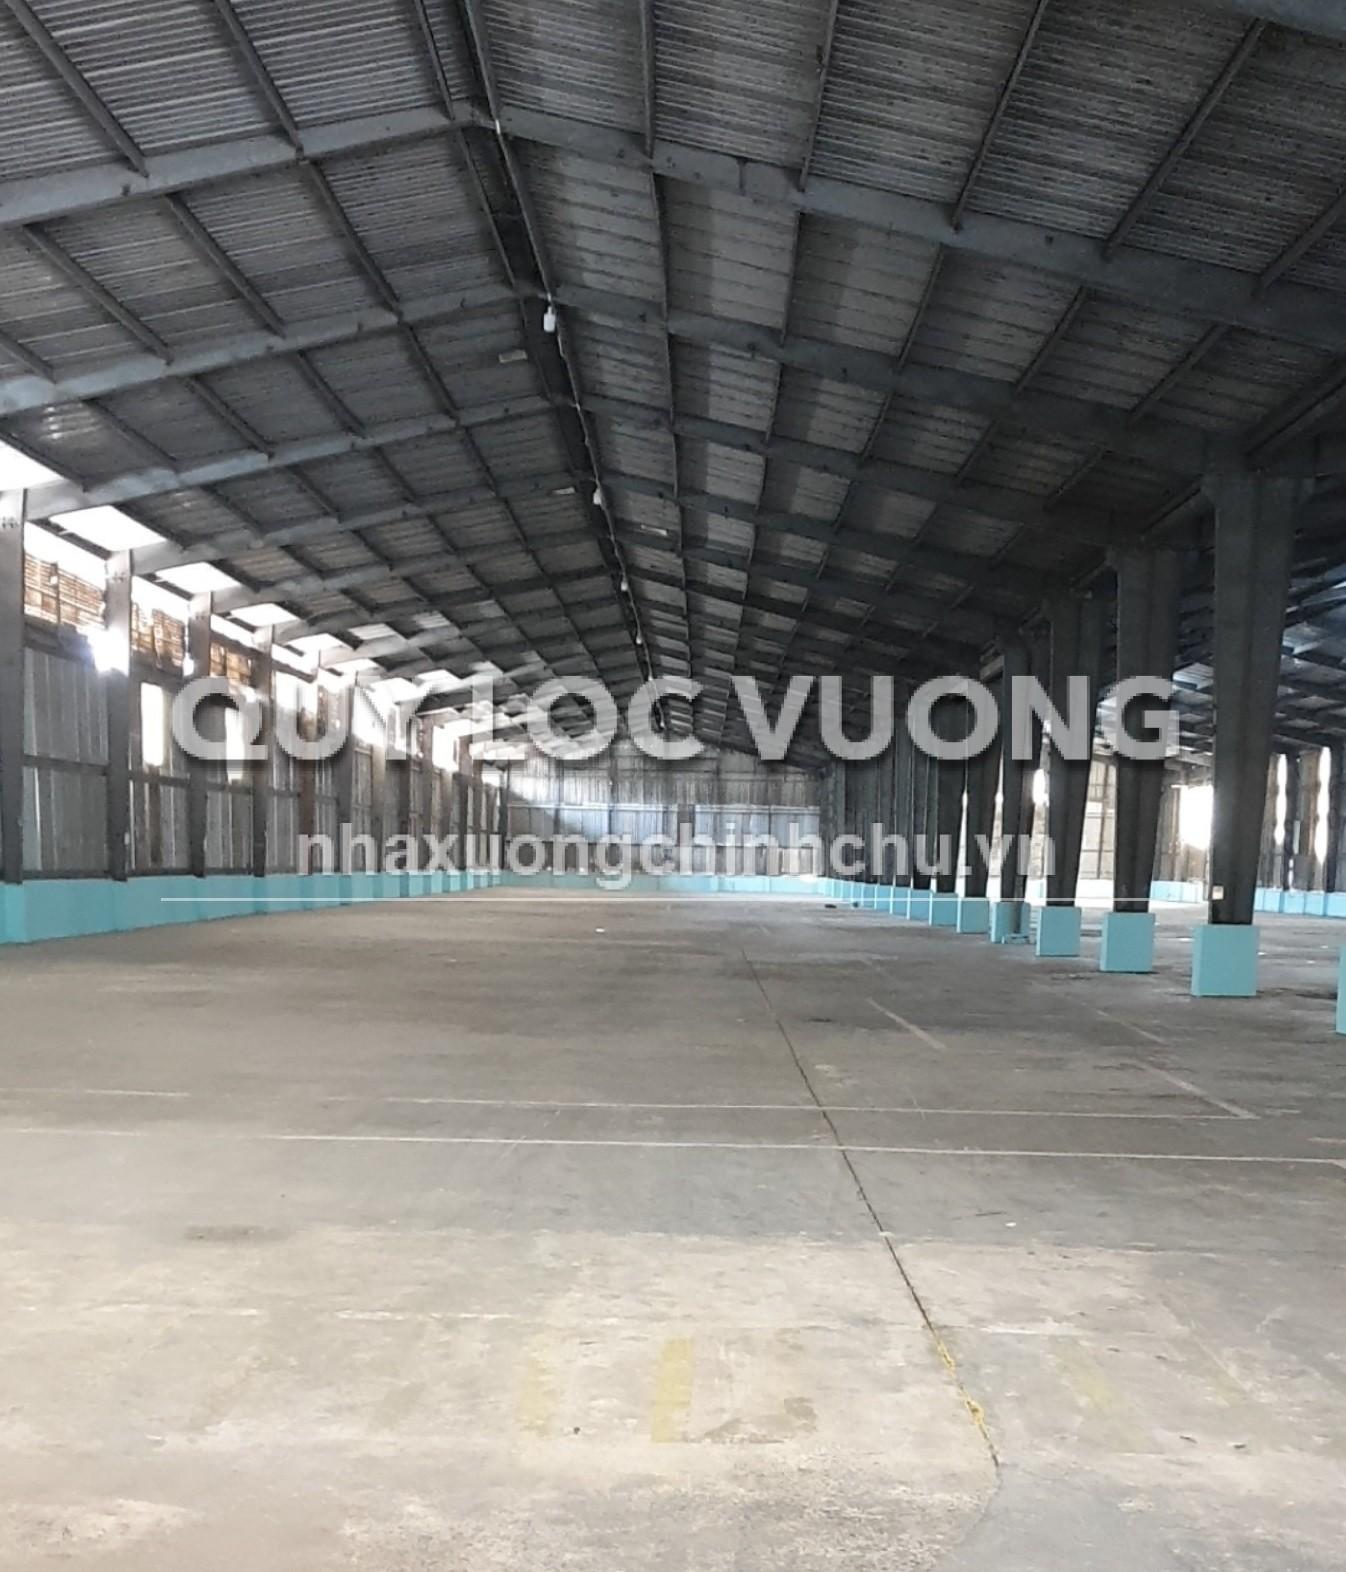 Cho thuê xưởng trống 6.000m2 trong KCN Biên Hòa 1 Bình Dương giá rẻ